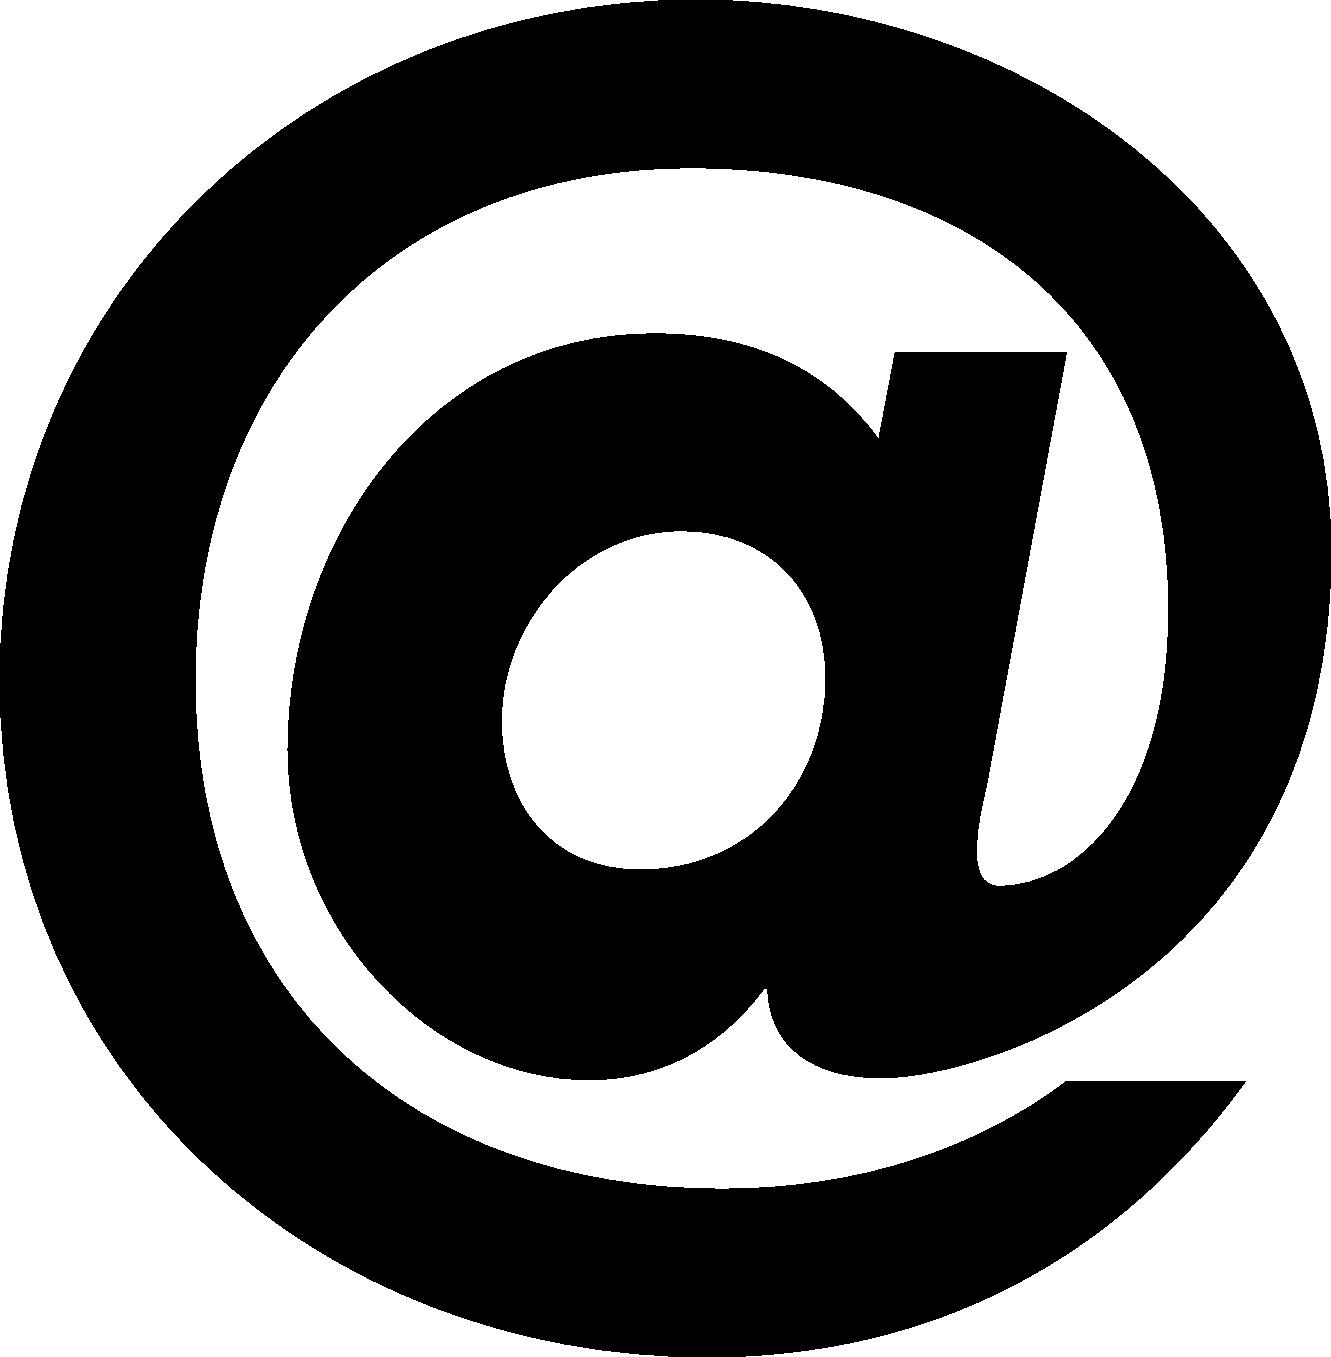 szczegoly-7